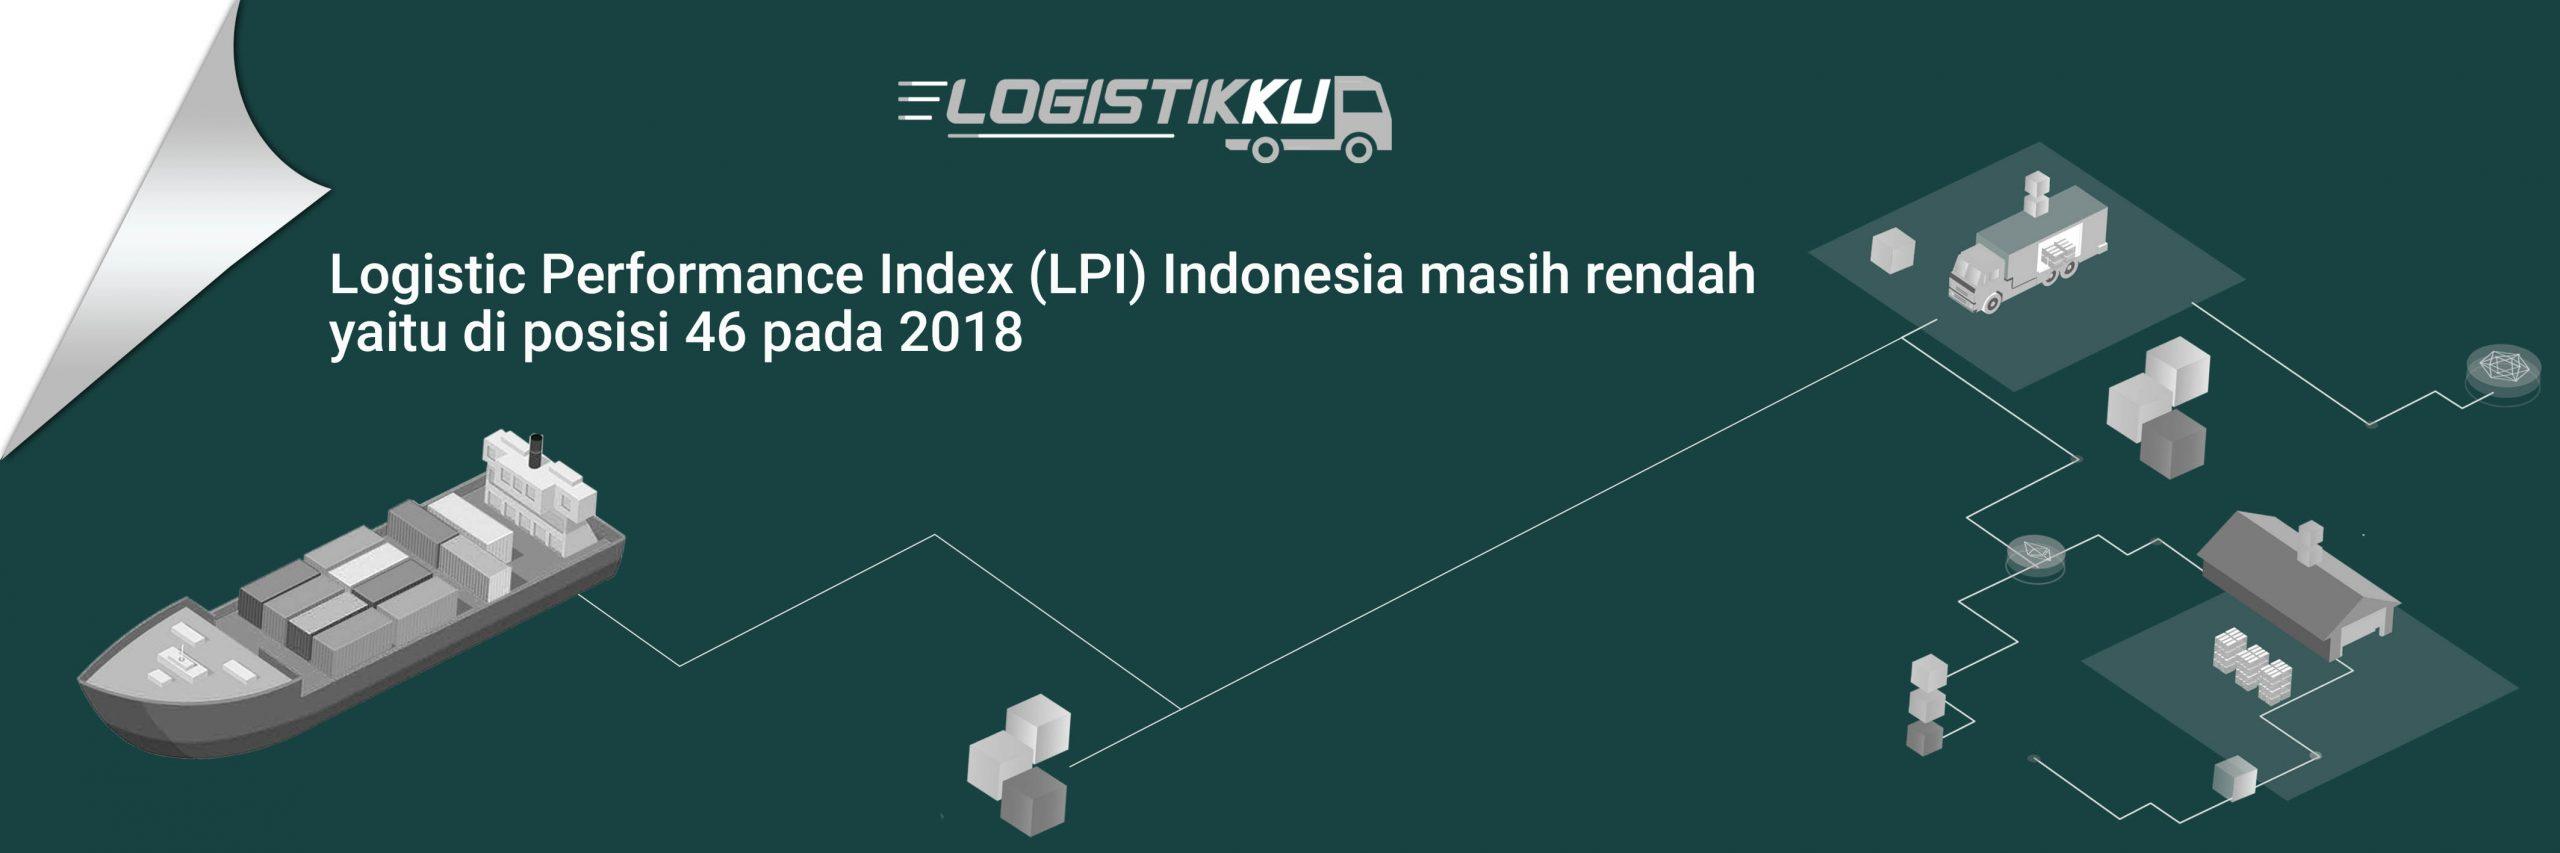 biaya logistik indonesia